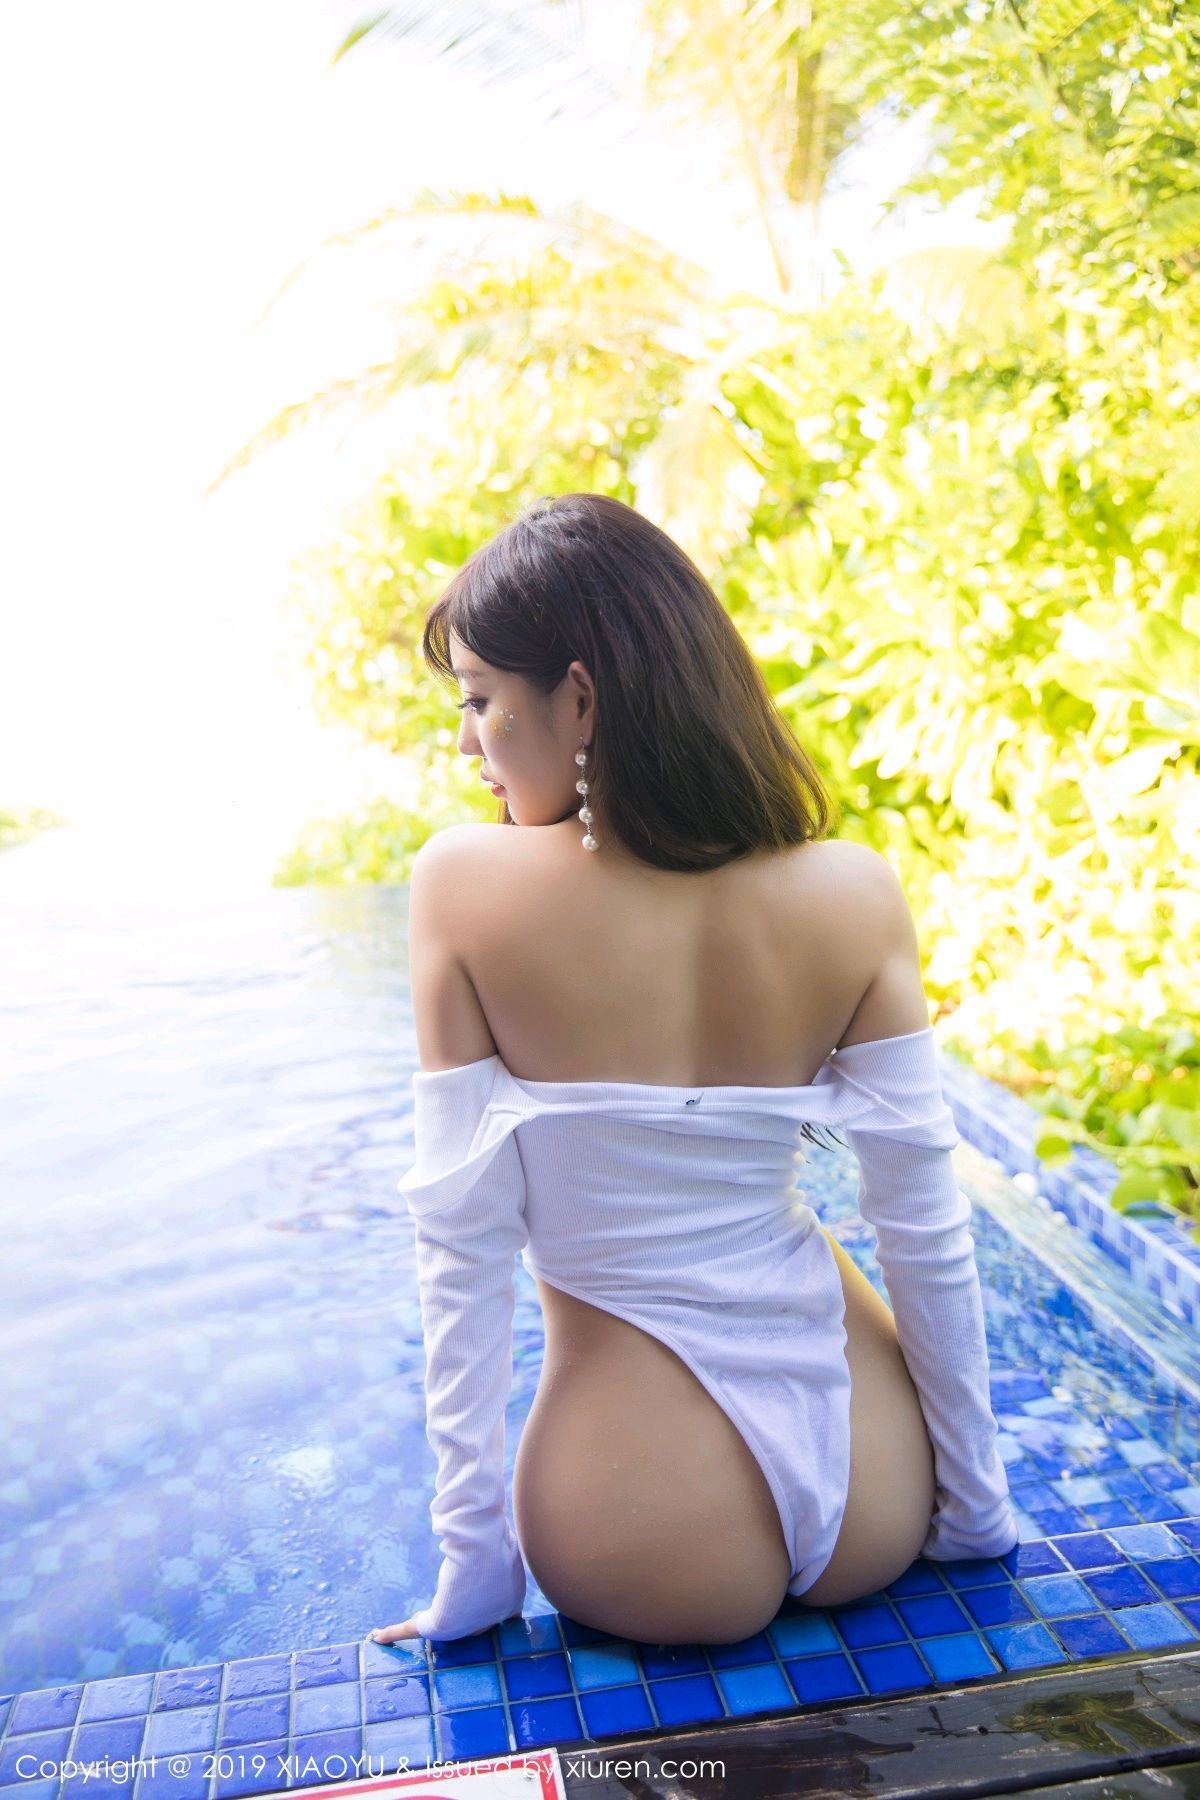 [XiaoYu] Vol.081 Yang Chen Chen 65P, Swim Pool, Wet, XiaoYu, Yang Chen Chen